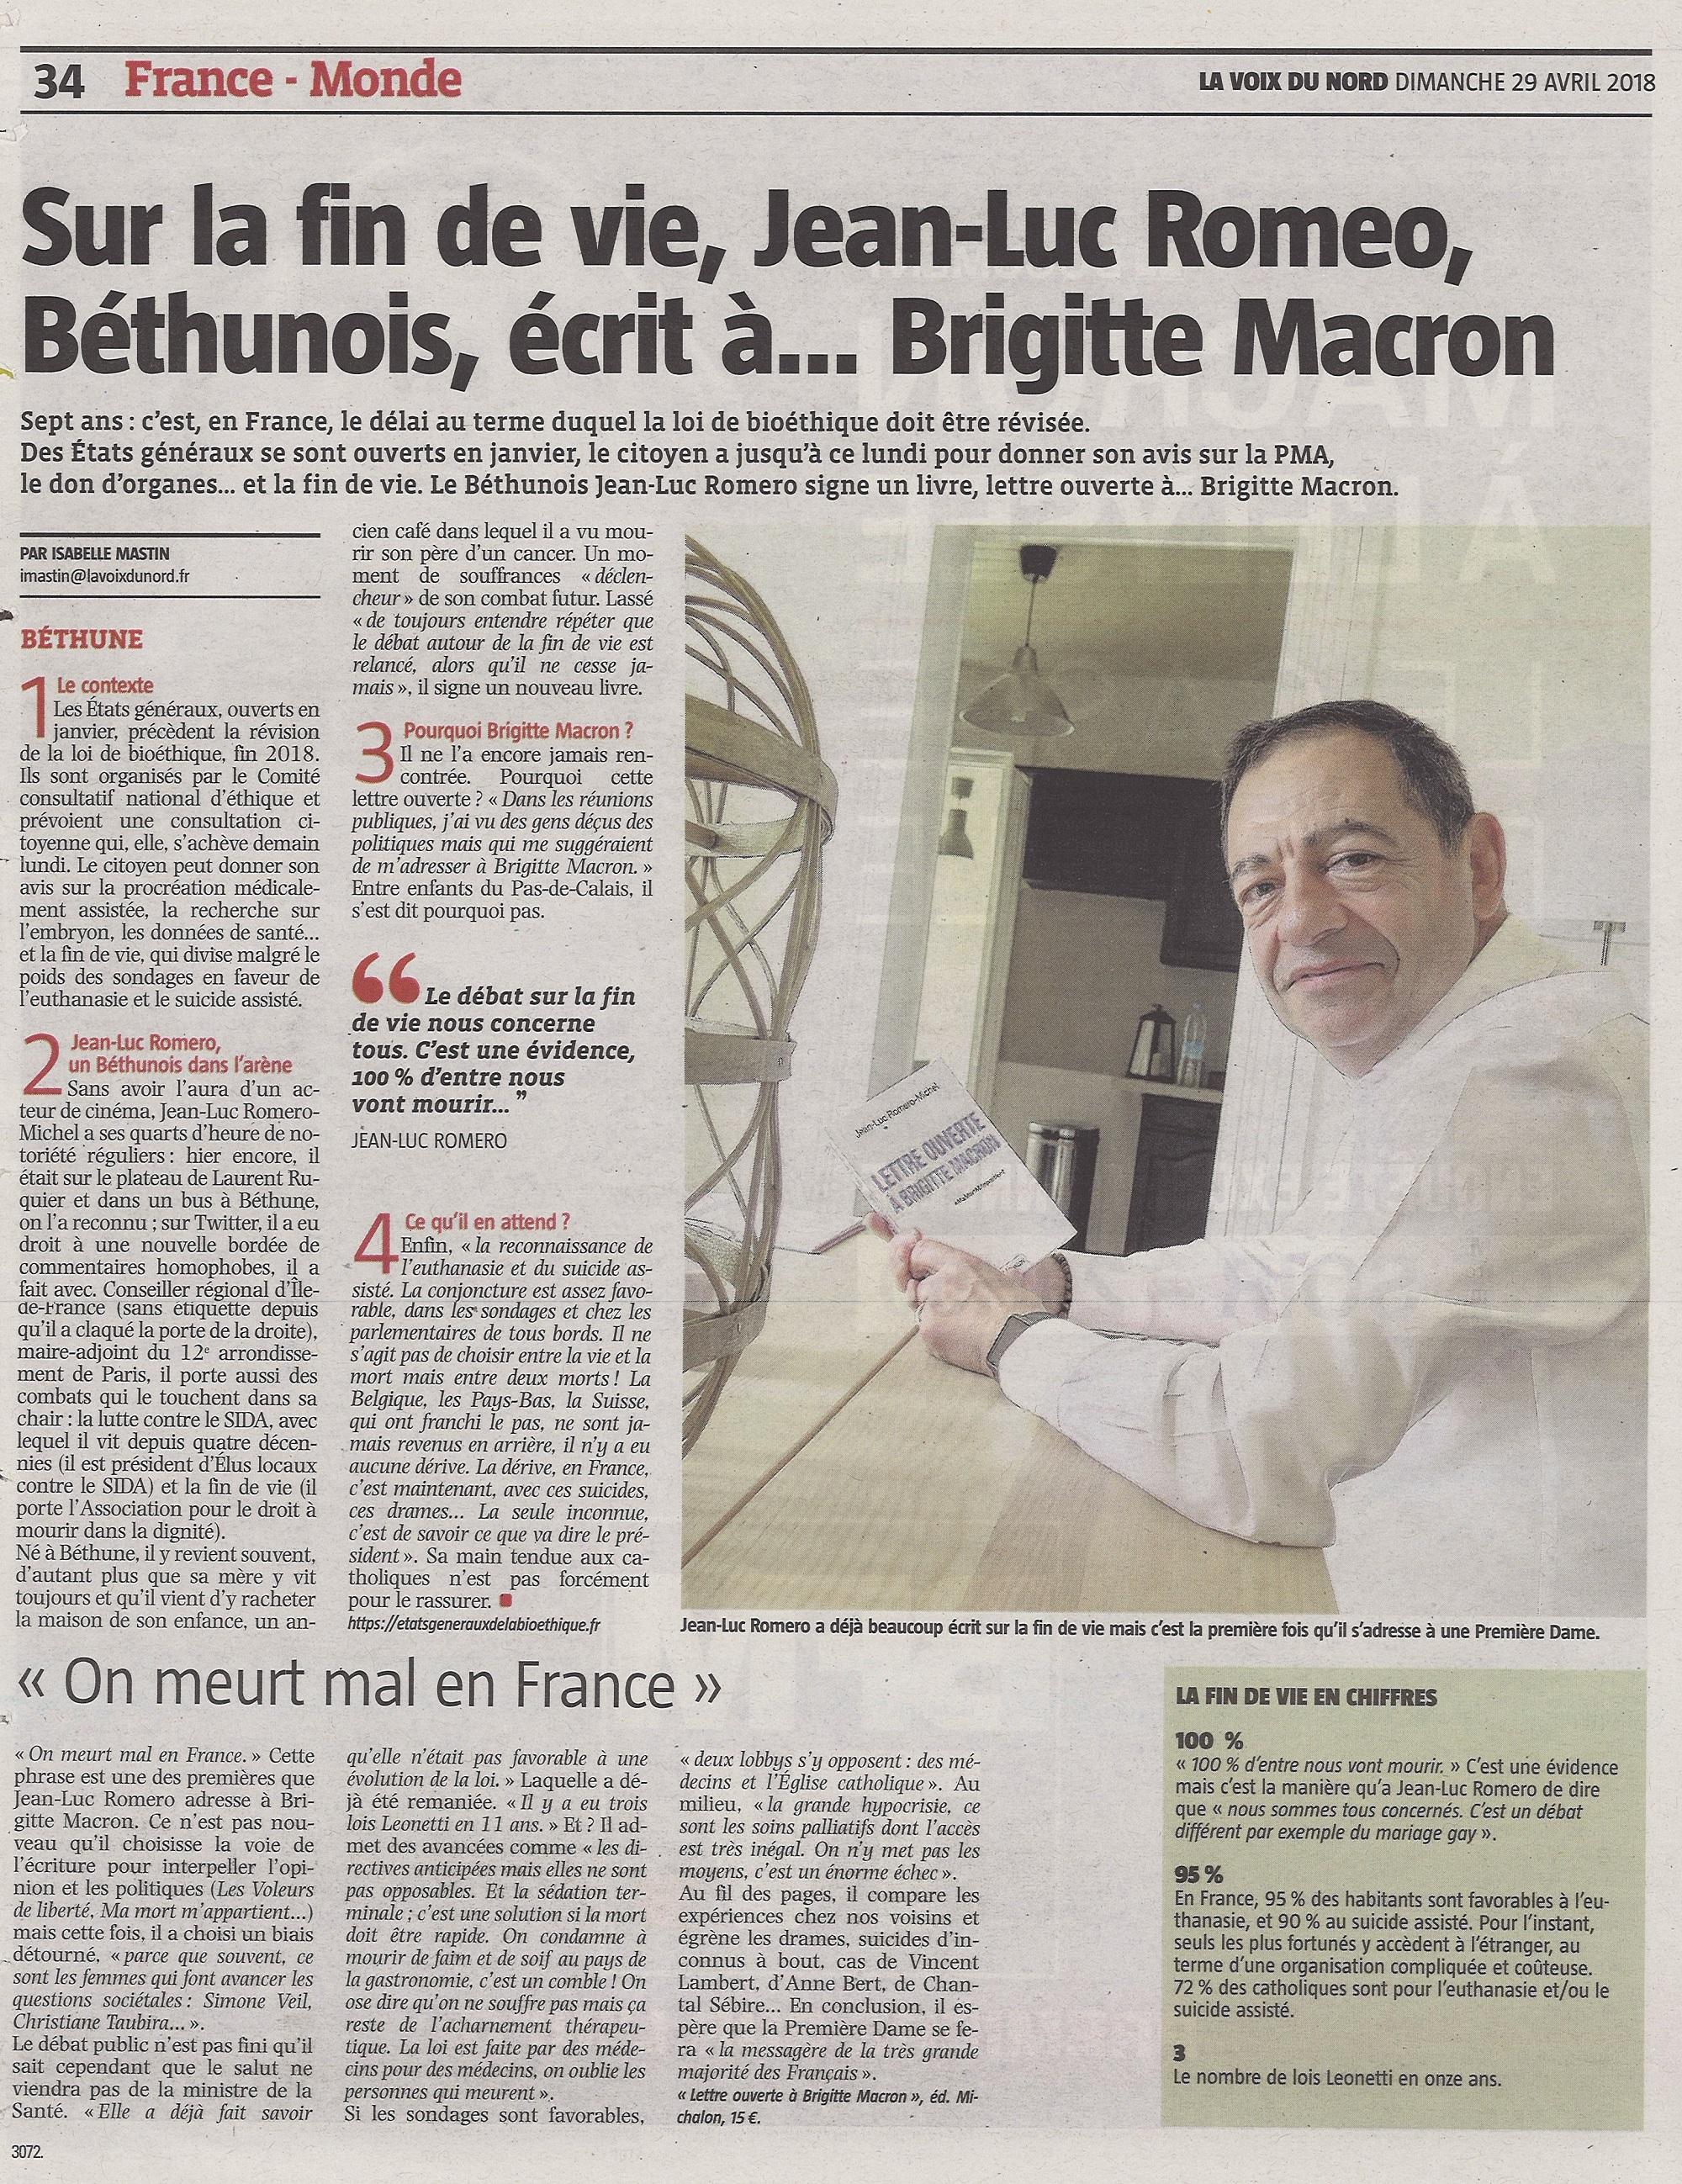 """""""Sur la fin de vie, Jean-Luc Romero, écrit à Brigitte Macron"""" La Voix du Nord - Dimanche 29 avril"""